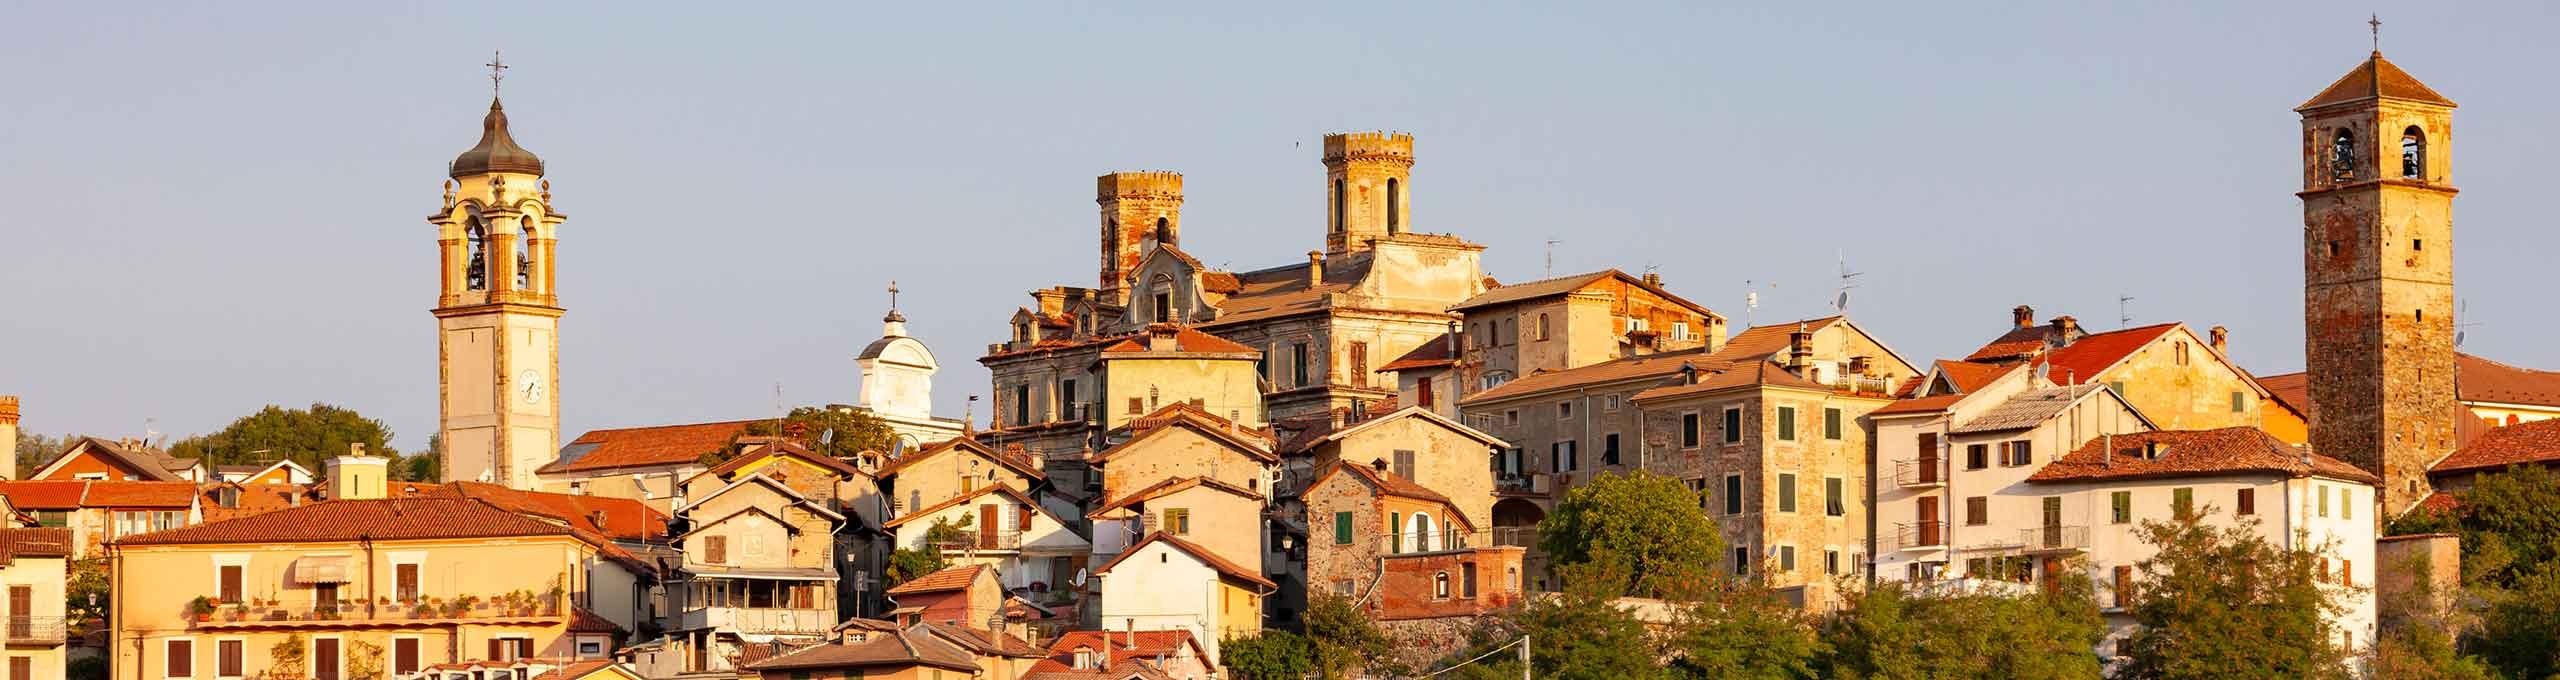 Molare, alto Monferrato